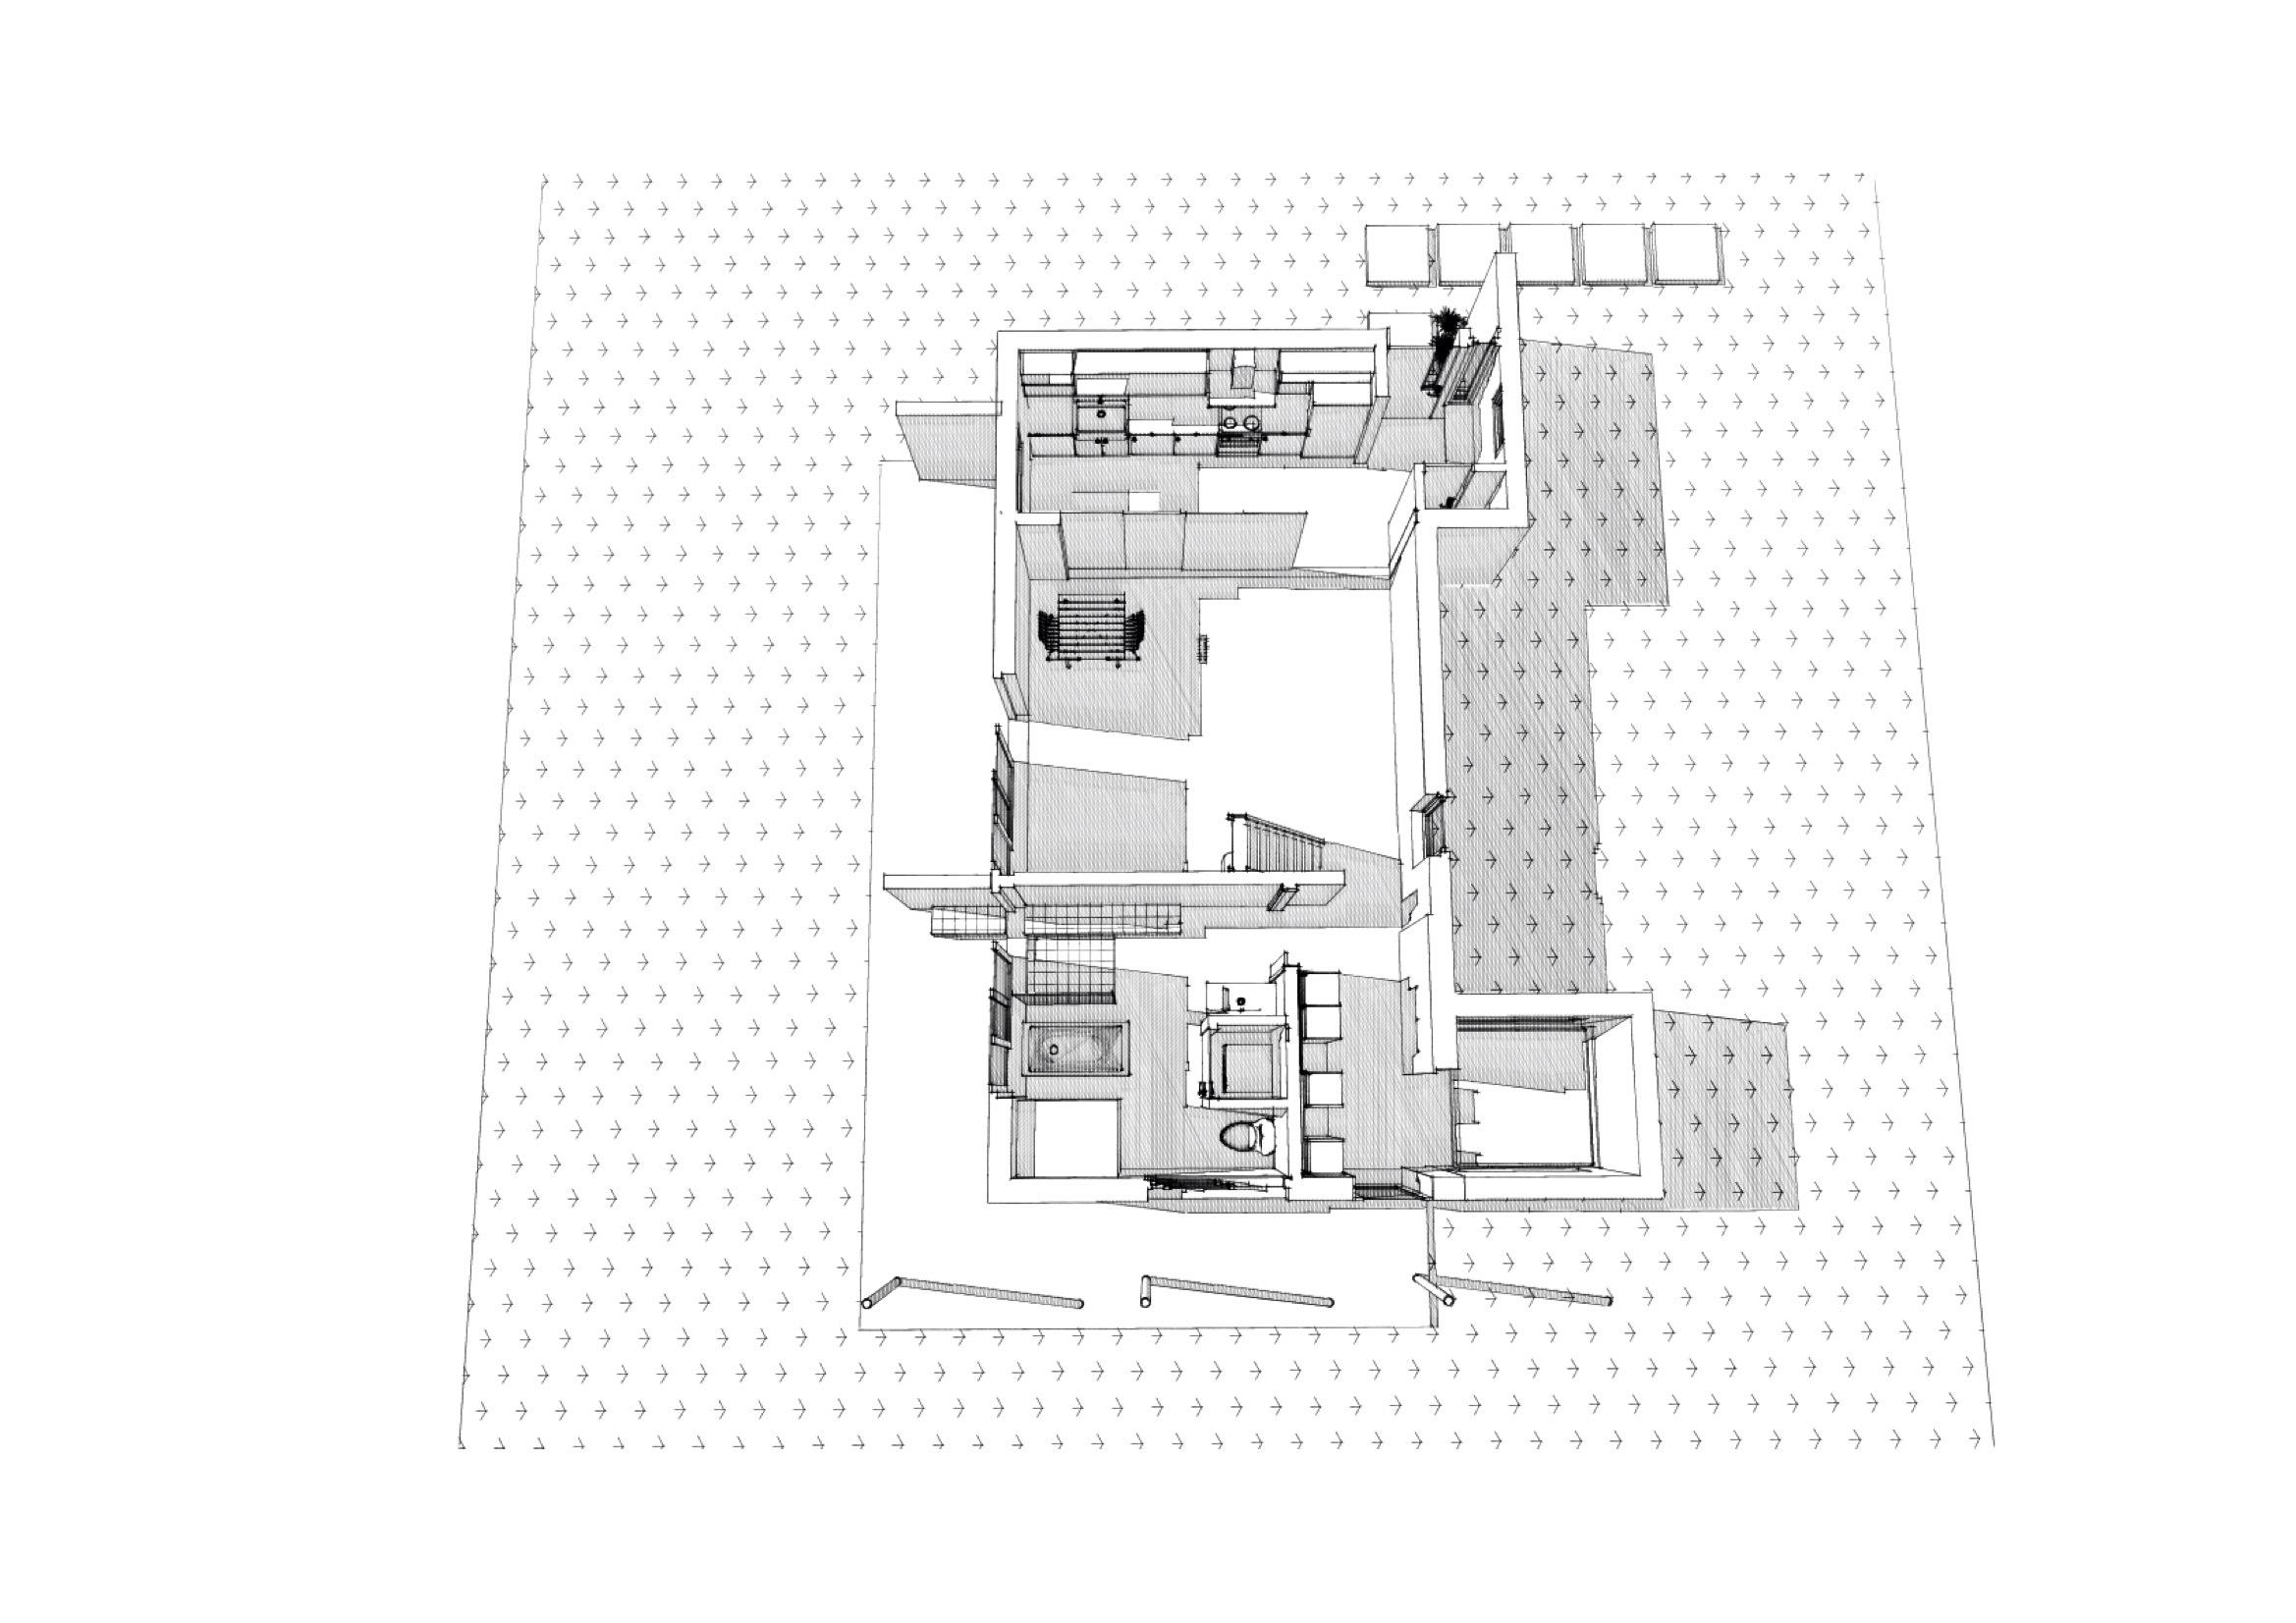 BEACHNER 3D FLOOR PLAN (1).jpg